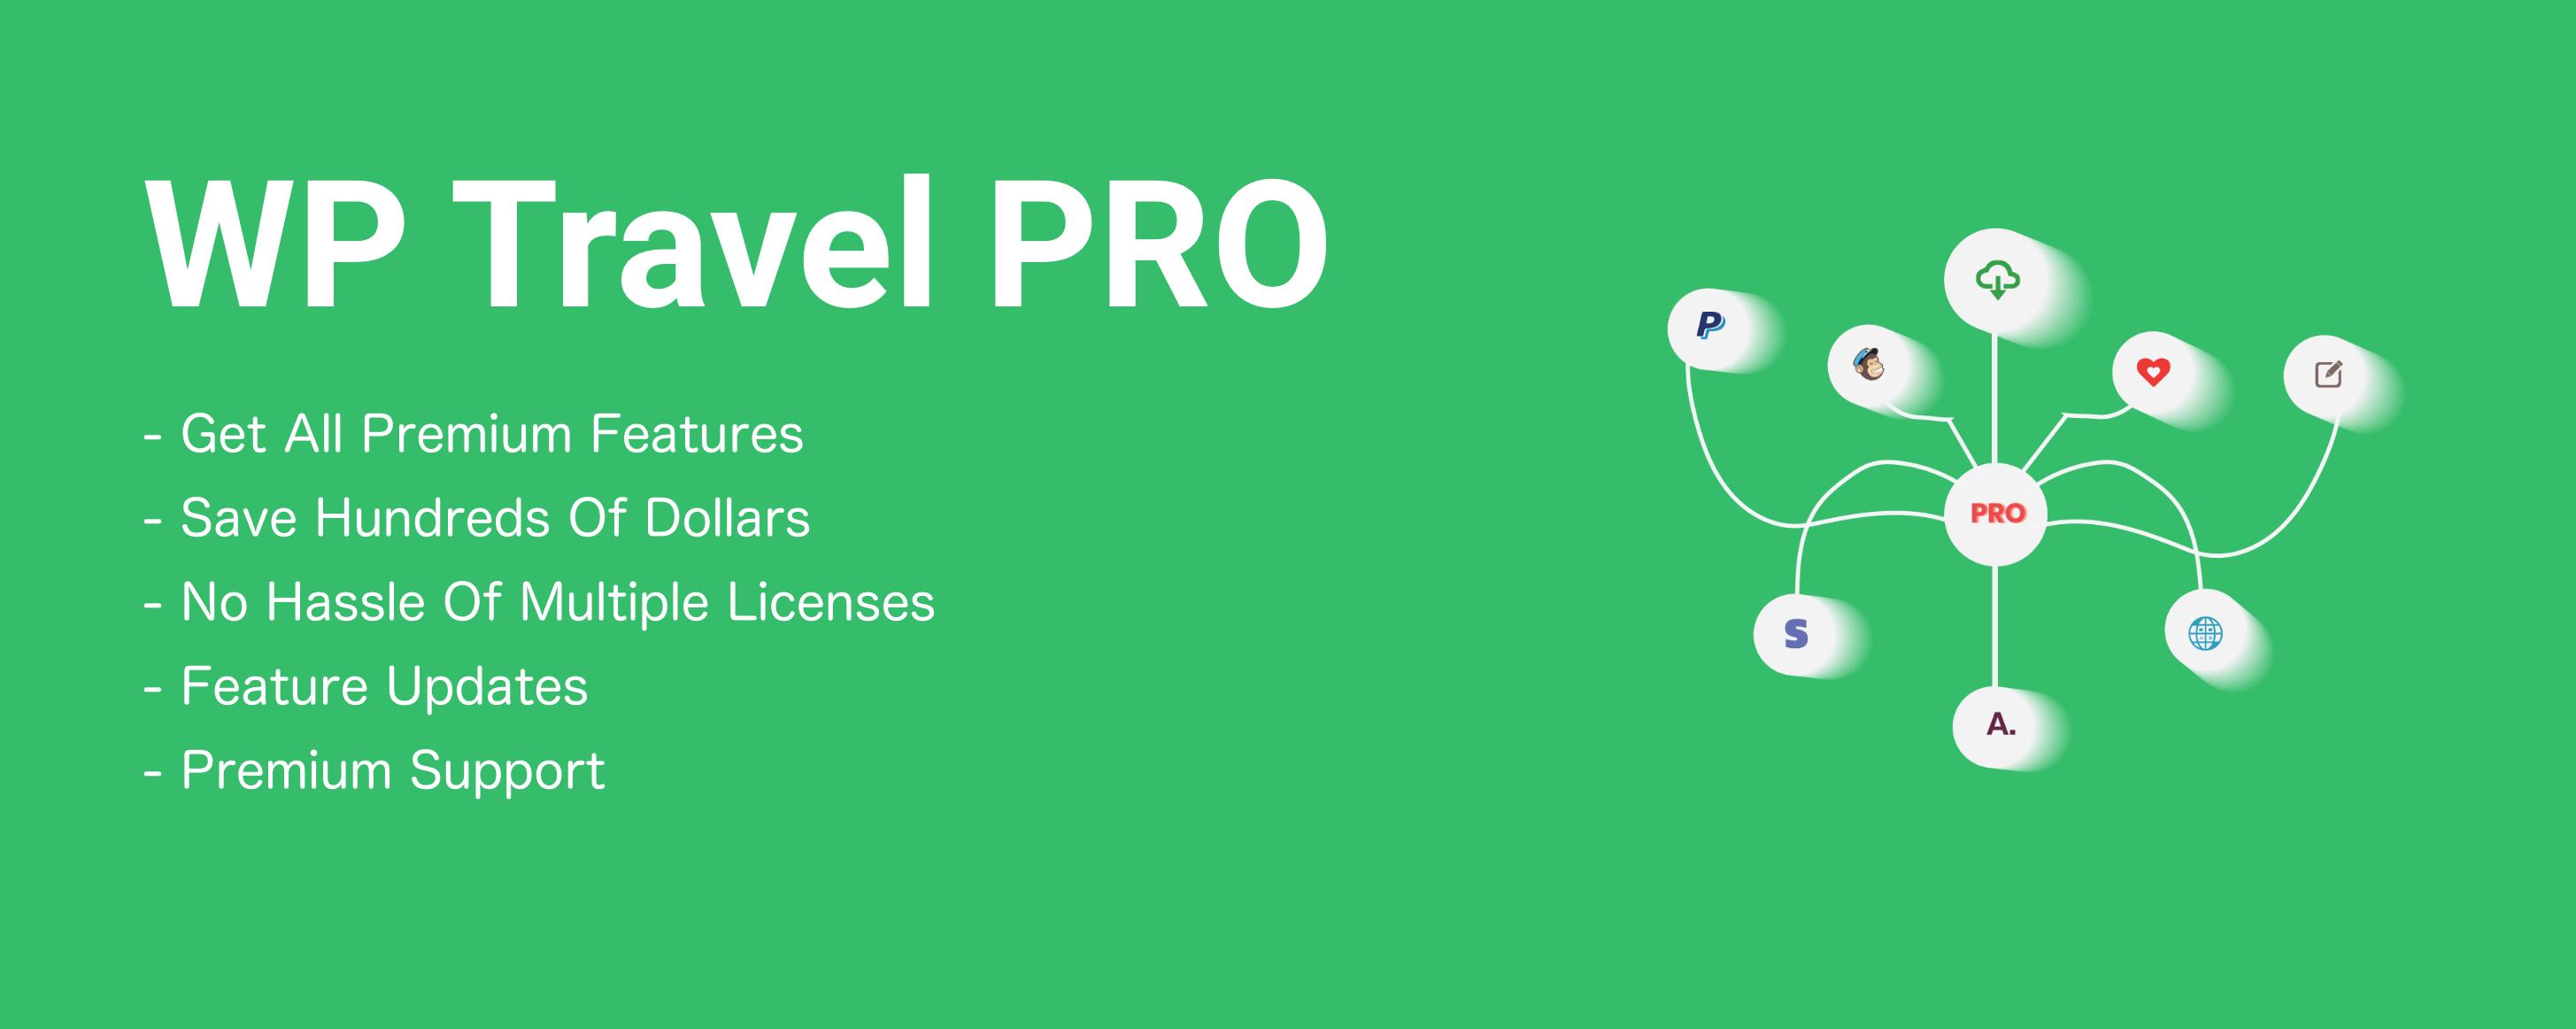 WP Travel Pro